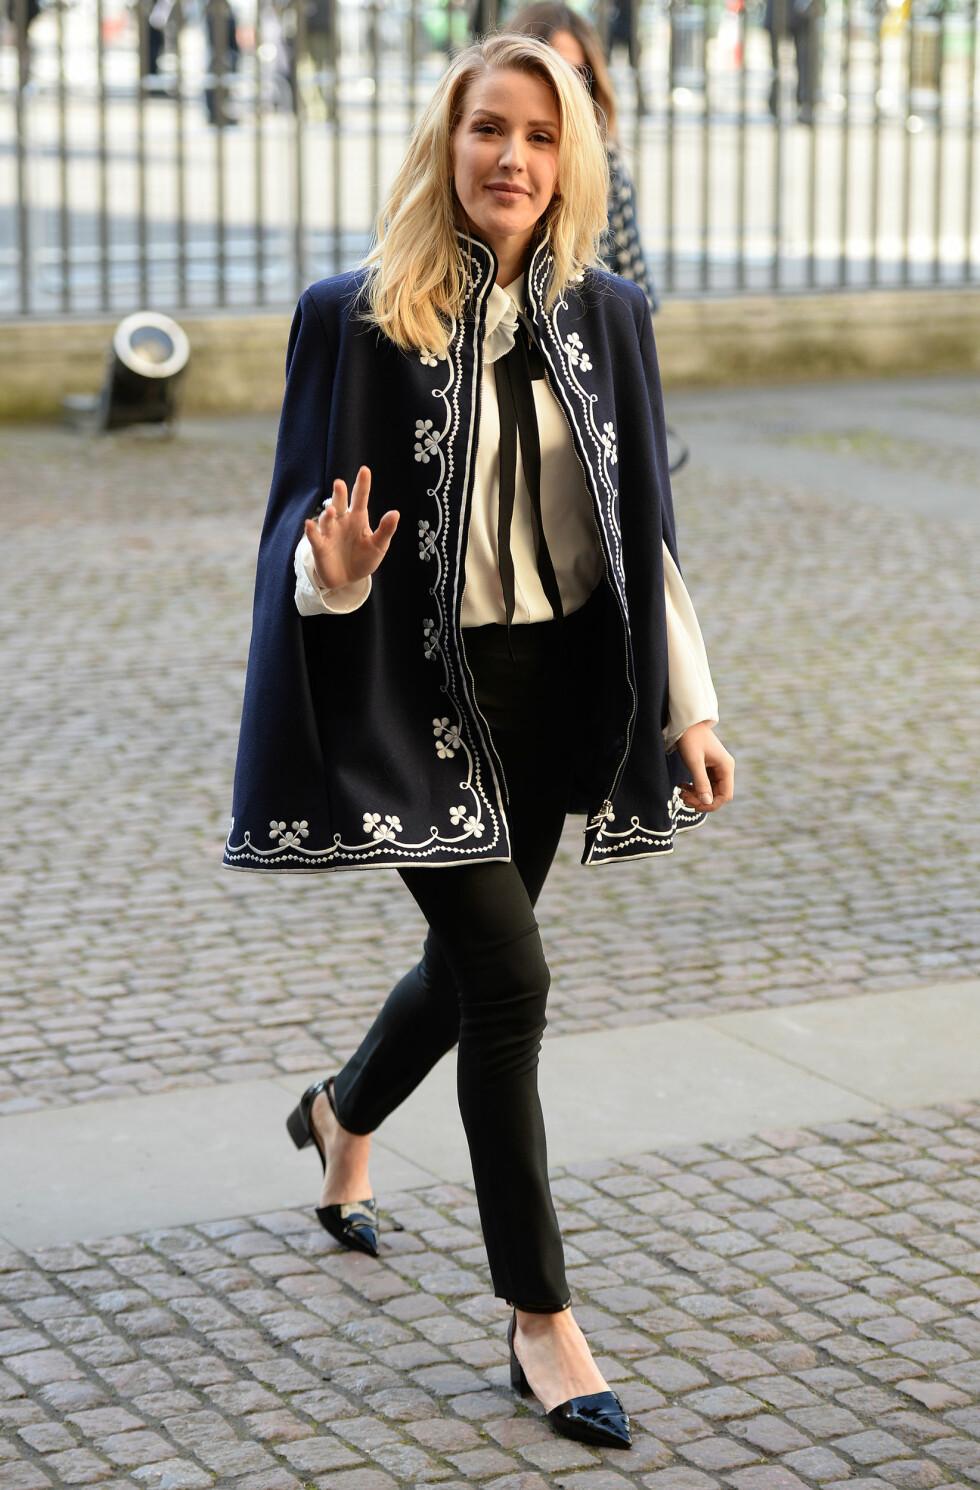 KUL: Bildet artisten la ut på Instagram ligner ikke helt på stilen Ellie Goulding vanligvis har. Foto: Splash News